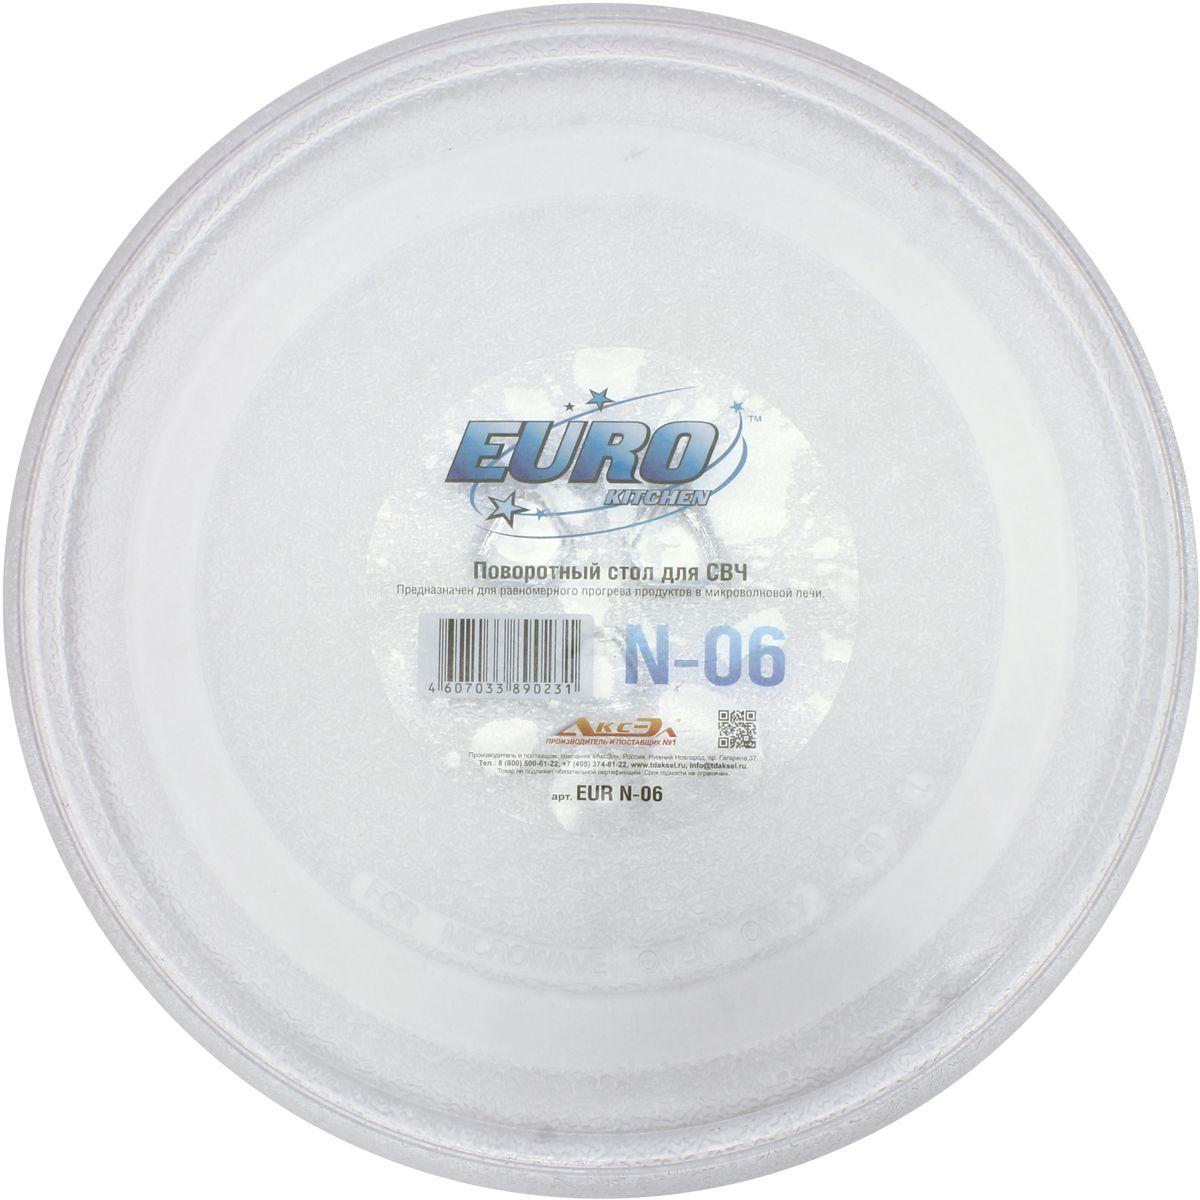 Euro Kitchen N-06 тарелка для СВЧ bauknecht wcmc 64523